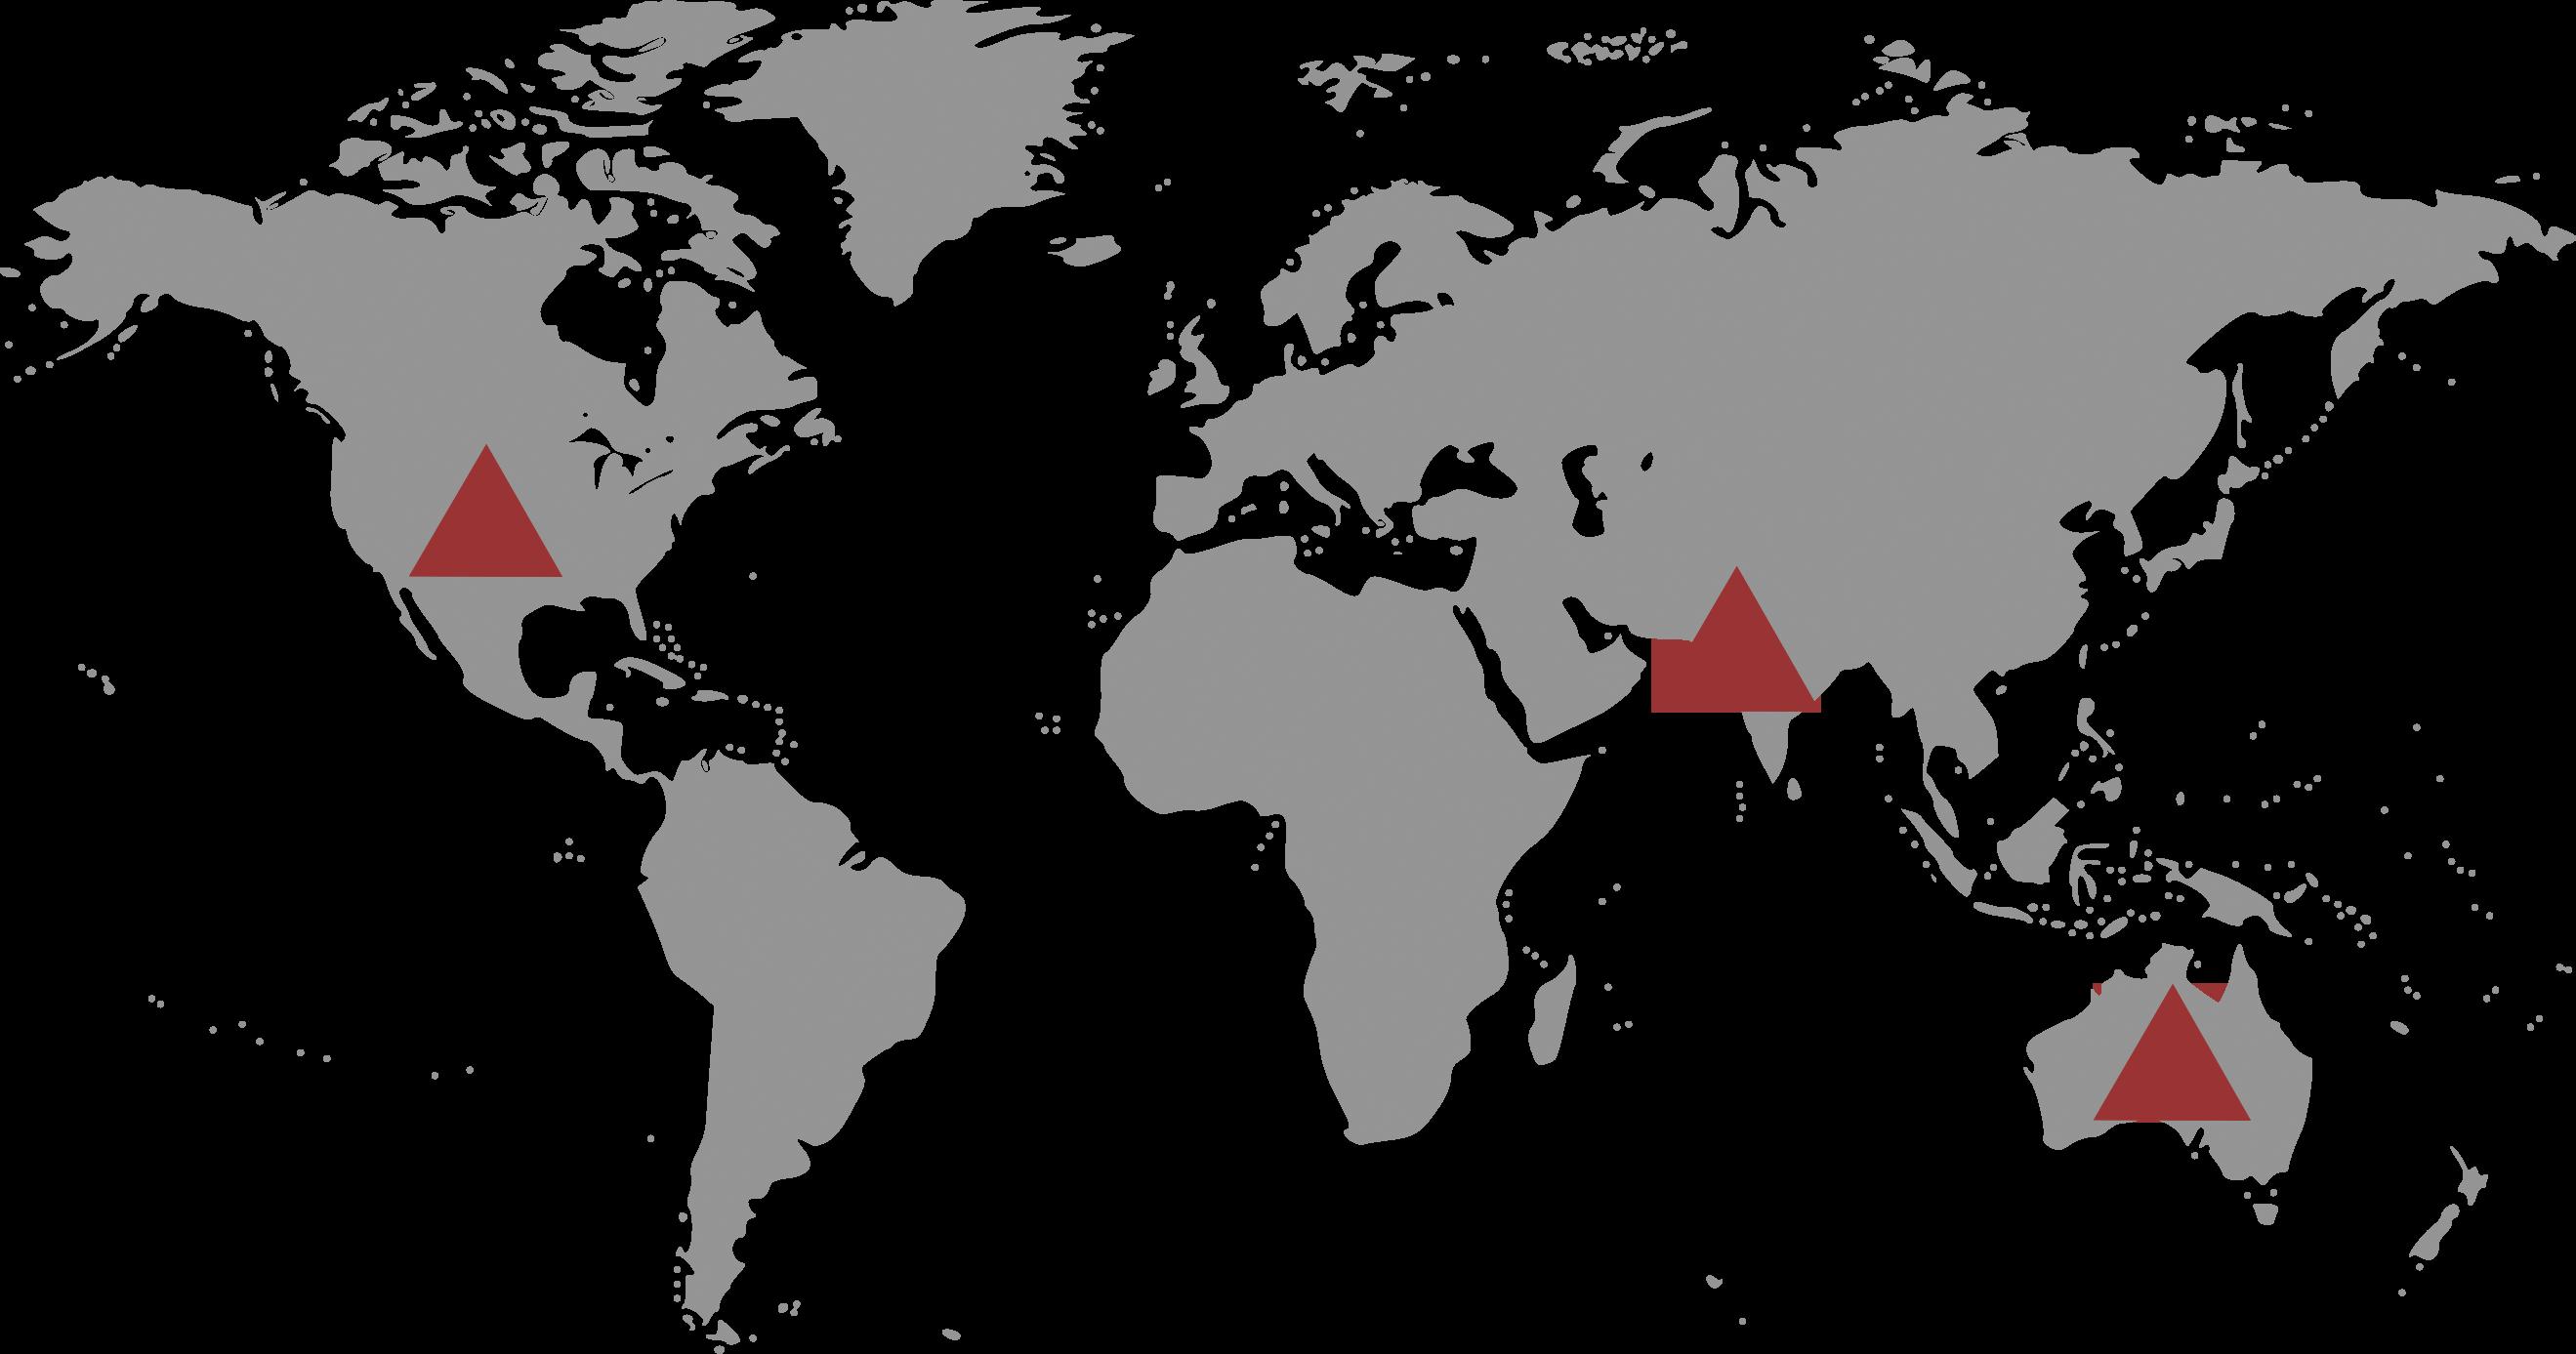 https://avanzarsolution.com/wp-content/uploads/2020/08/World-Map.png